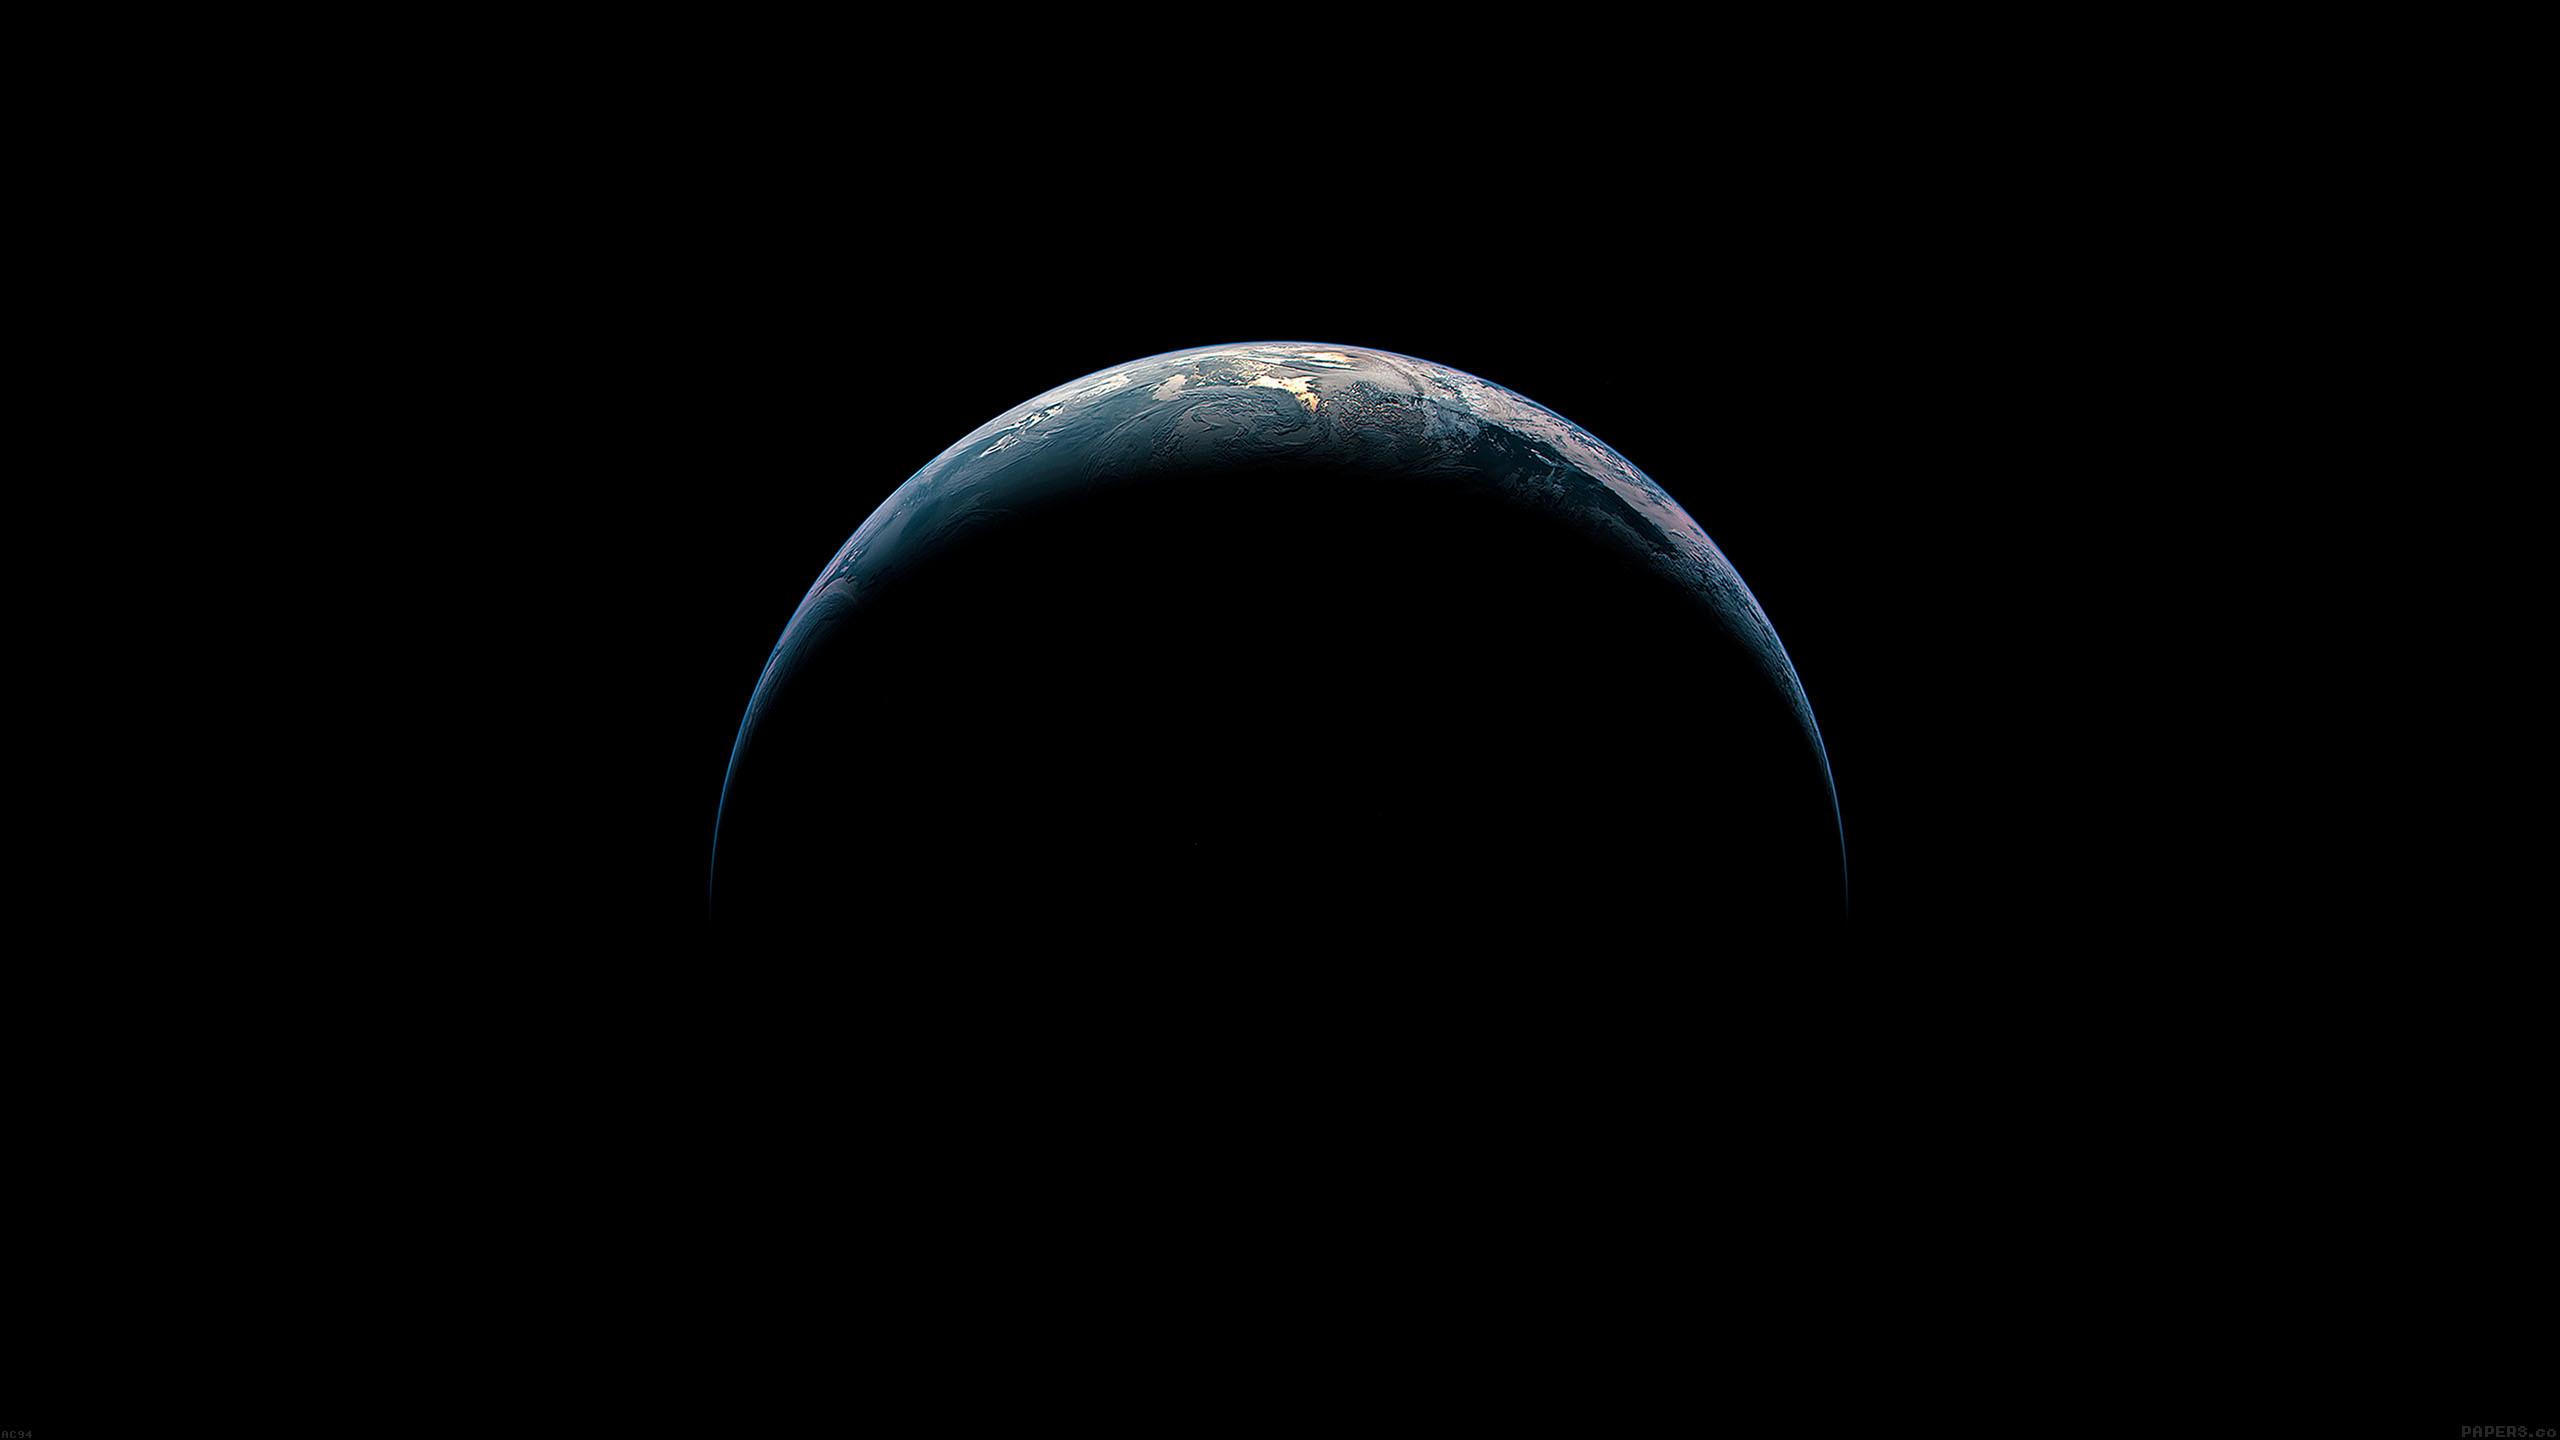 … Apple Earth wallpaper #81913